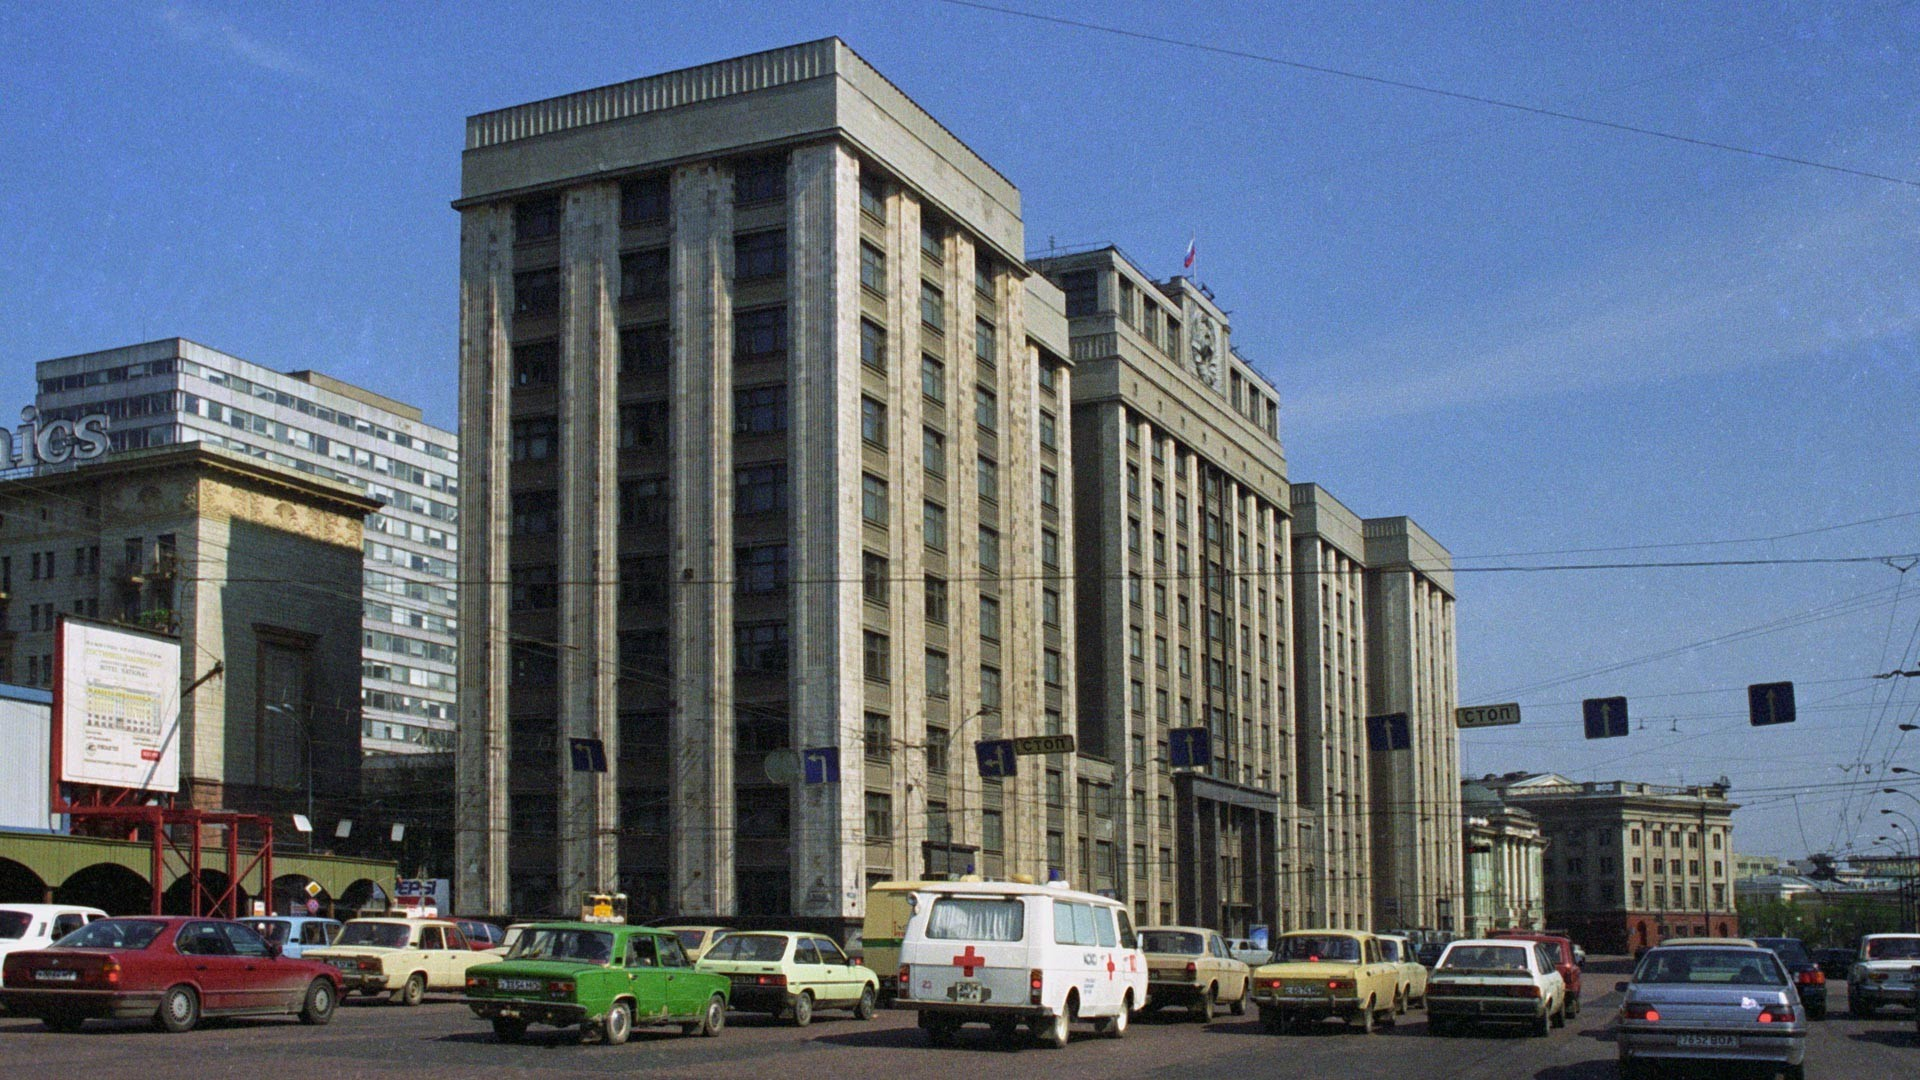 1994 Новое здание Государственной думы РФ, бывший Госплан. Владимир Федоренко, РИА Новости